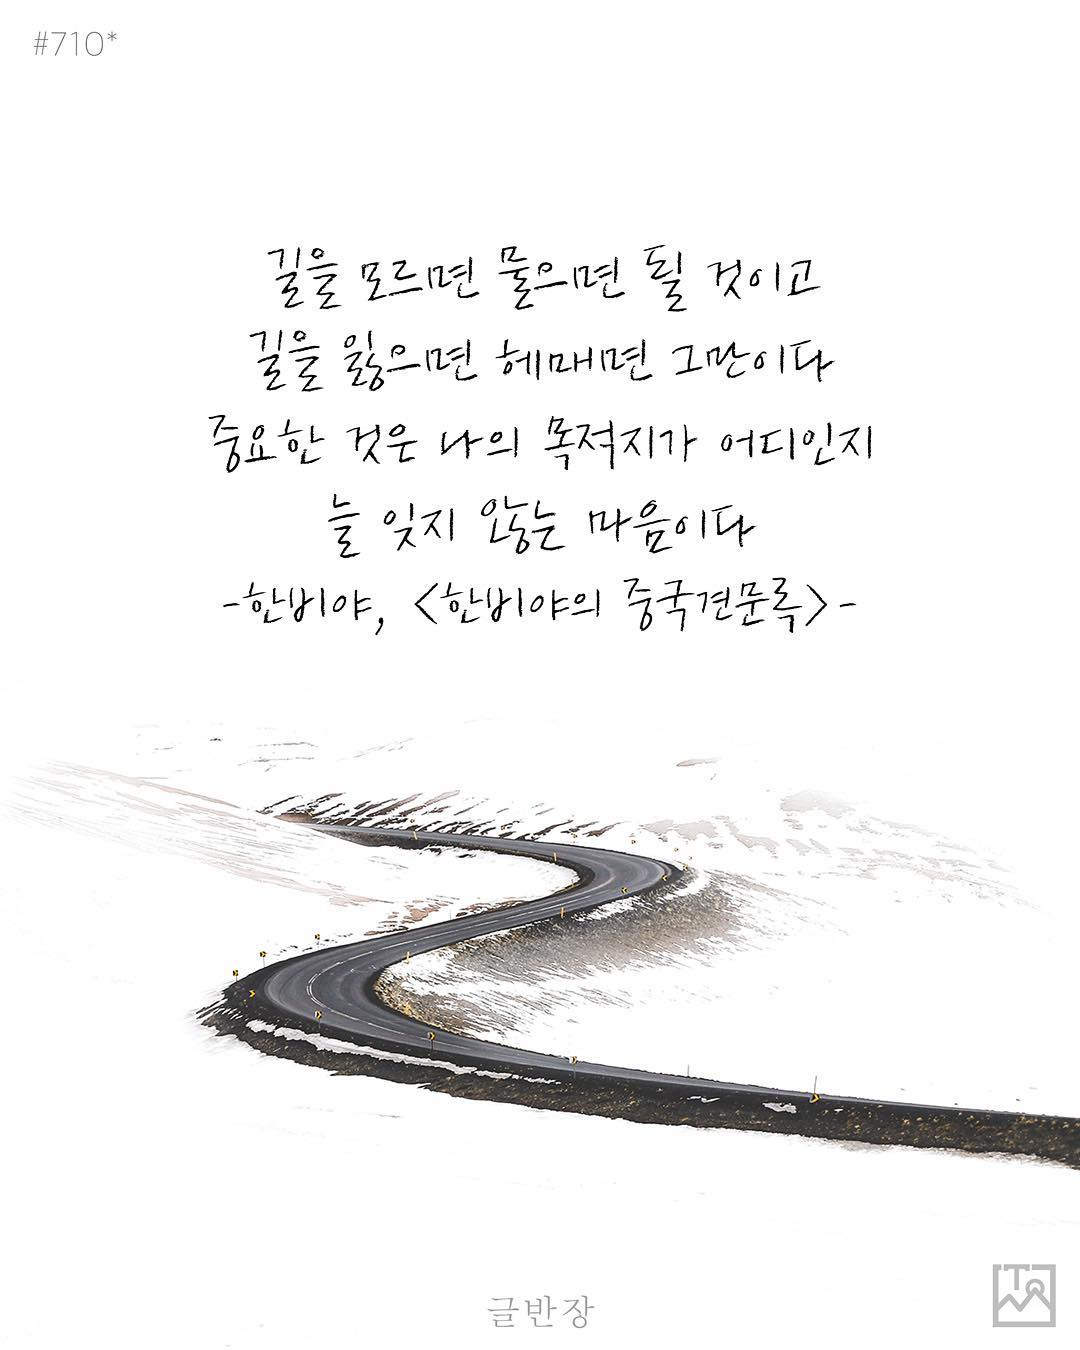 나의 목적지가 어디인지 늘 잊지 않는 마음 - 한비야, <중국견문록>